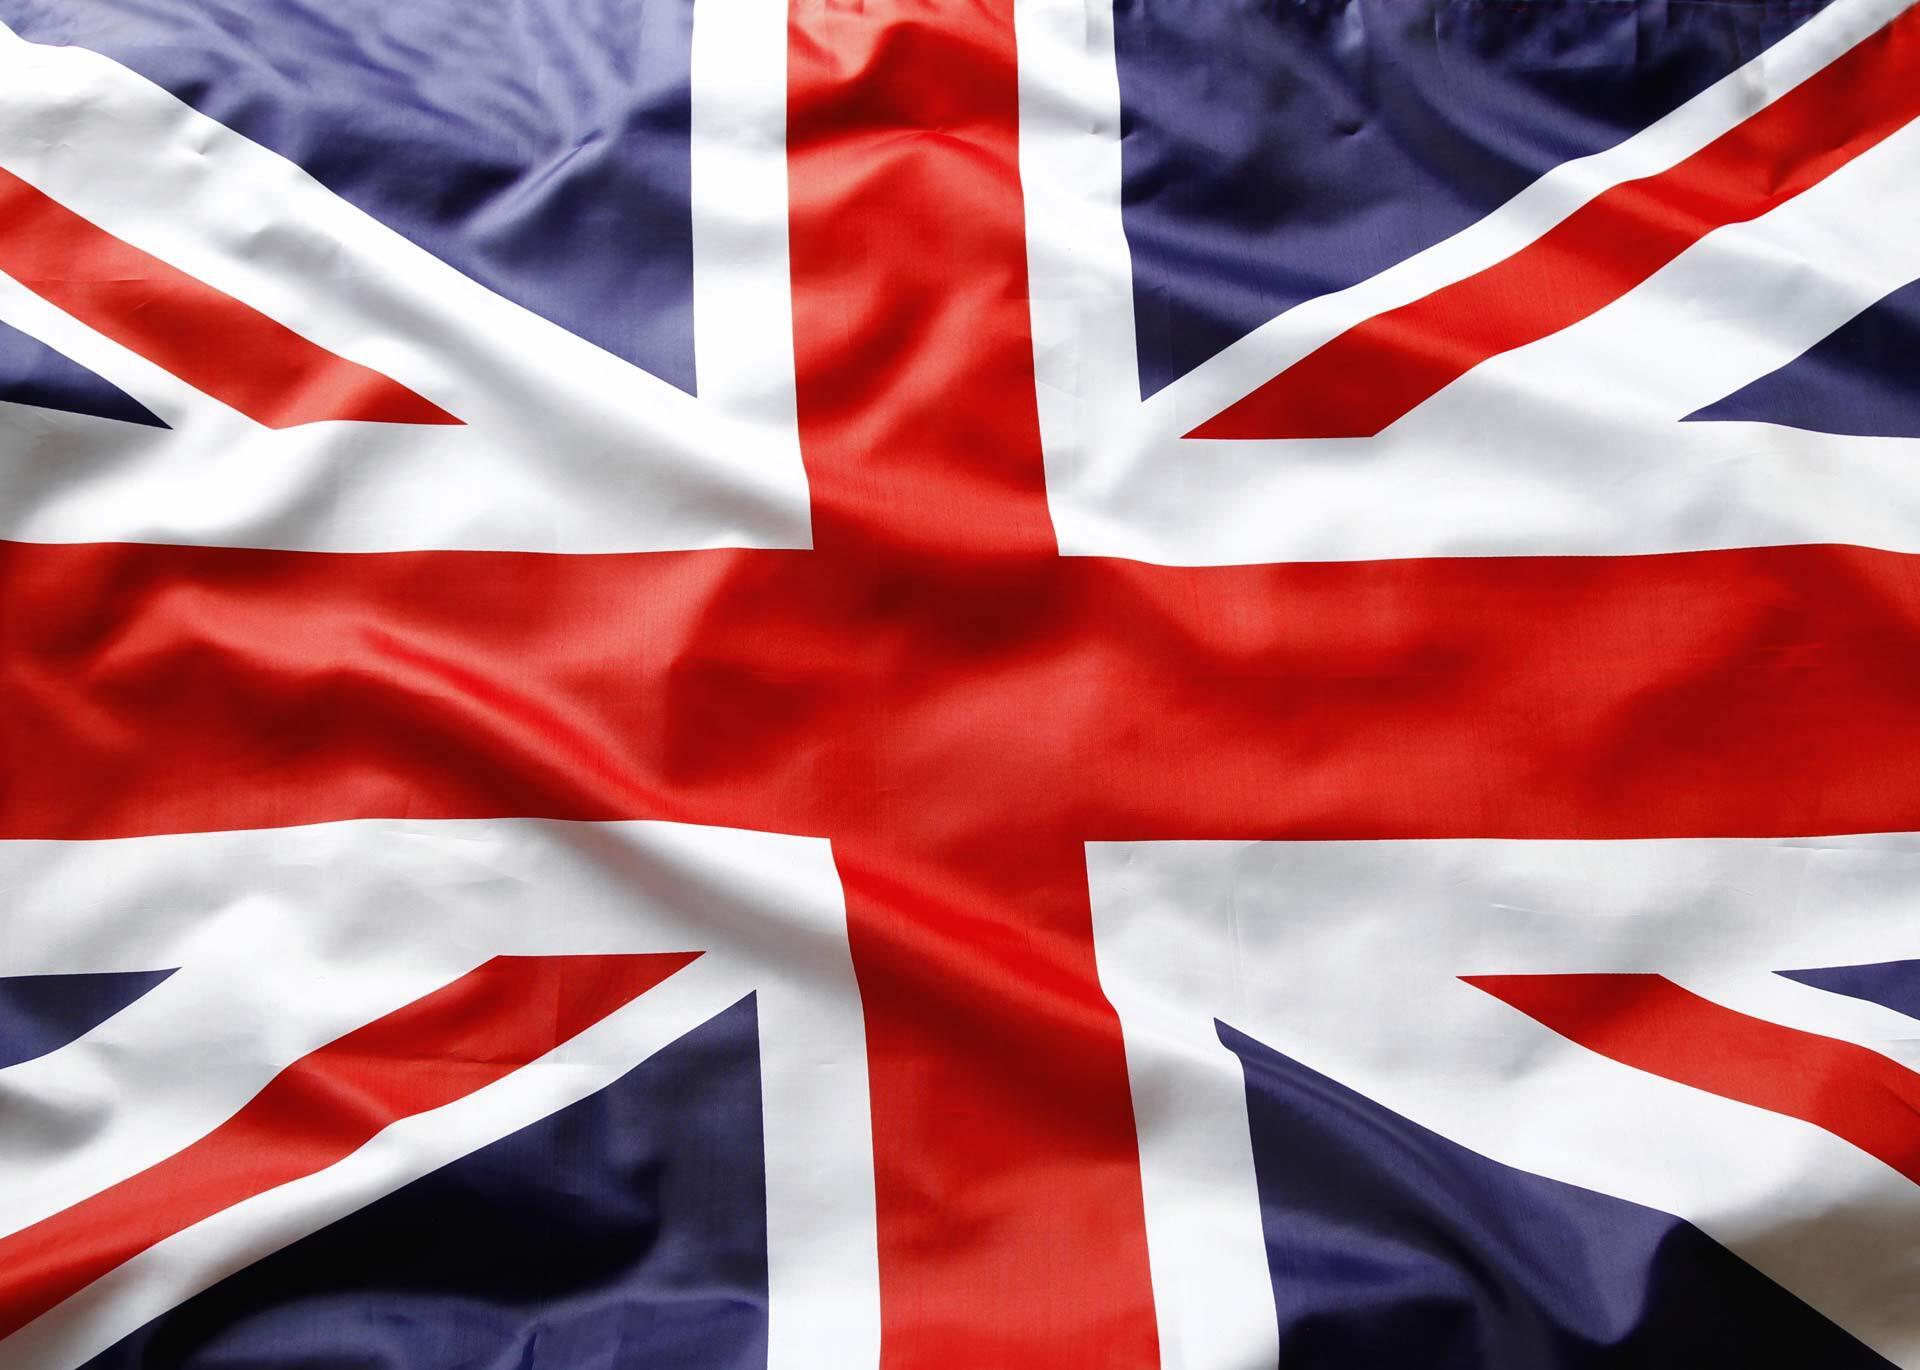 Jak wysłać paczkę do Wielkiej Brytanii - instrukcja